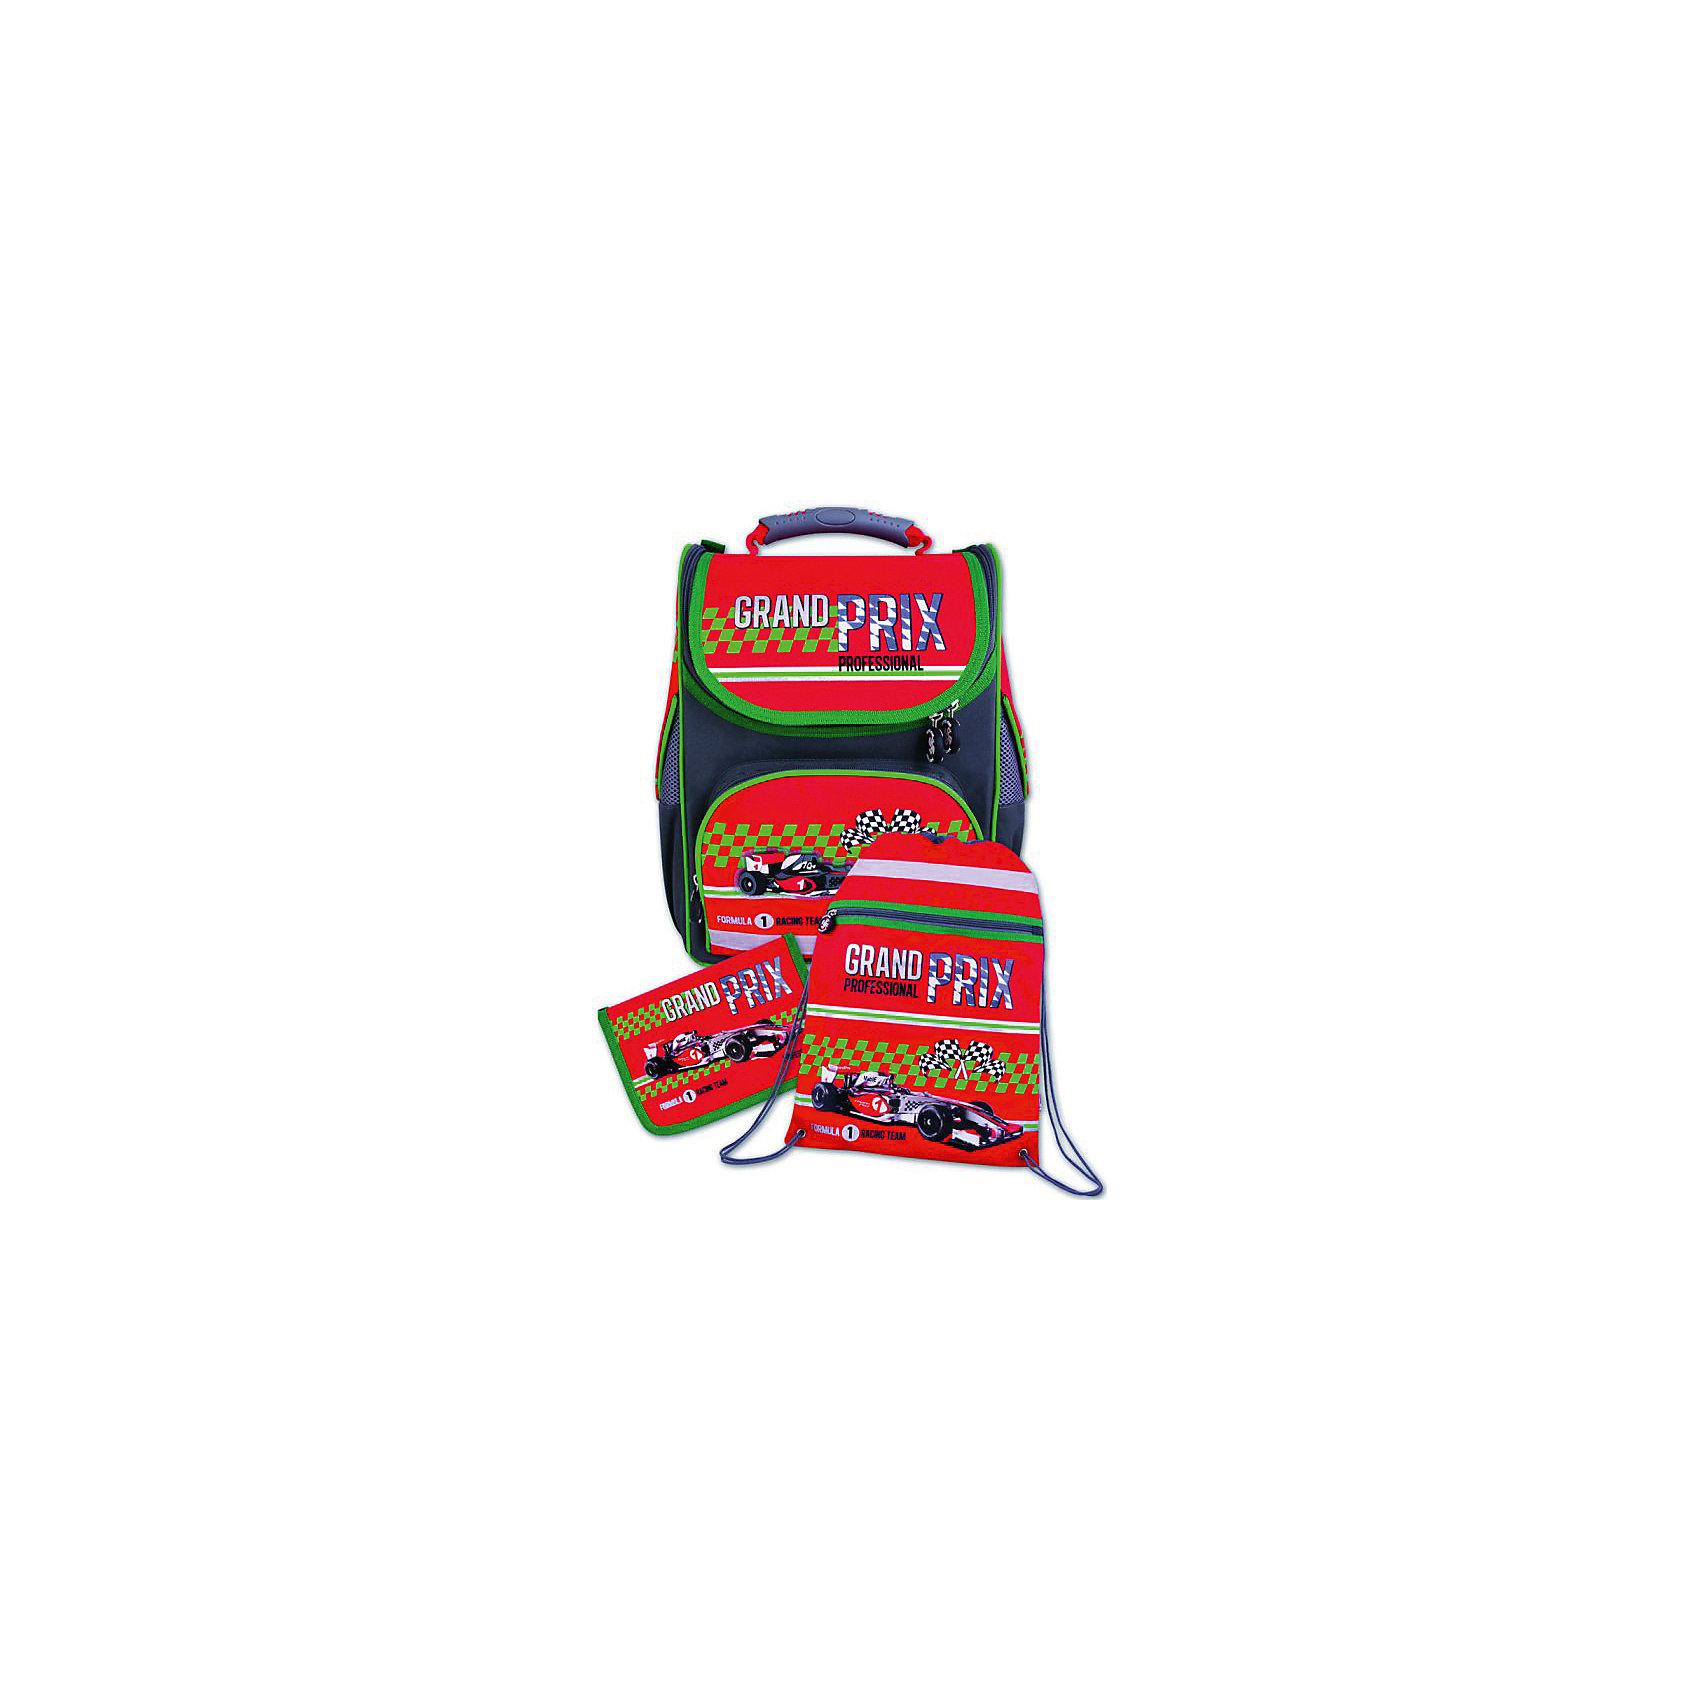 Ранец с наполнением Красный болид Феникс+Ранцы<br>Набор для школьника КРАСНЫЙ БОЛИД (ранец, пенал (без наполнения), мешок для обуви в подарочной картонной коробке с ПВХ-окошком (полиэстер): (ранец: 35x26x15см,  пенал: 20x13.5x3.5см, мешок для обуви: 36x48см)<br><br>Ширина мм: 350<br>Глубина мм: 260<br>Высота мм: 150<br>Вес г: 1645<br>Возраст от месяцев: 72<br>Возраст до месяцев: 2147483647<br>Пол: Унисекс<br>Возраст: Детский<br>SKU: 7046248